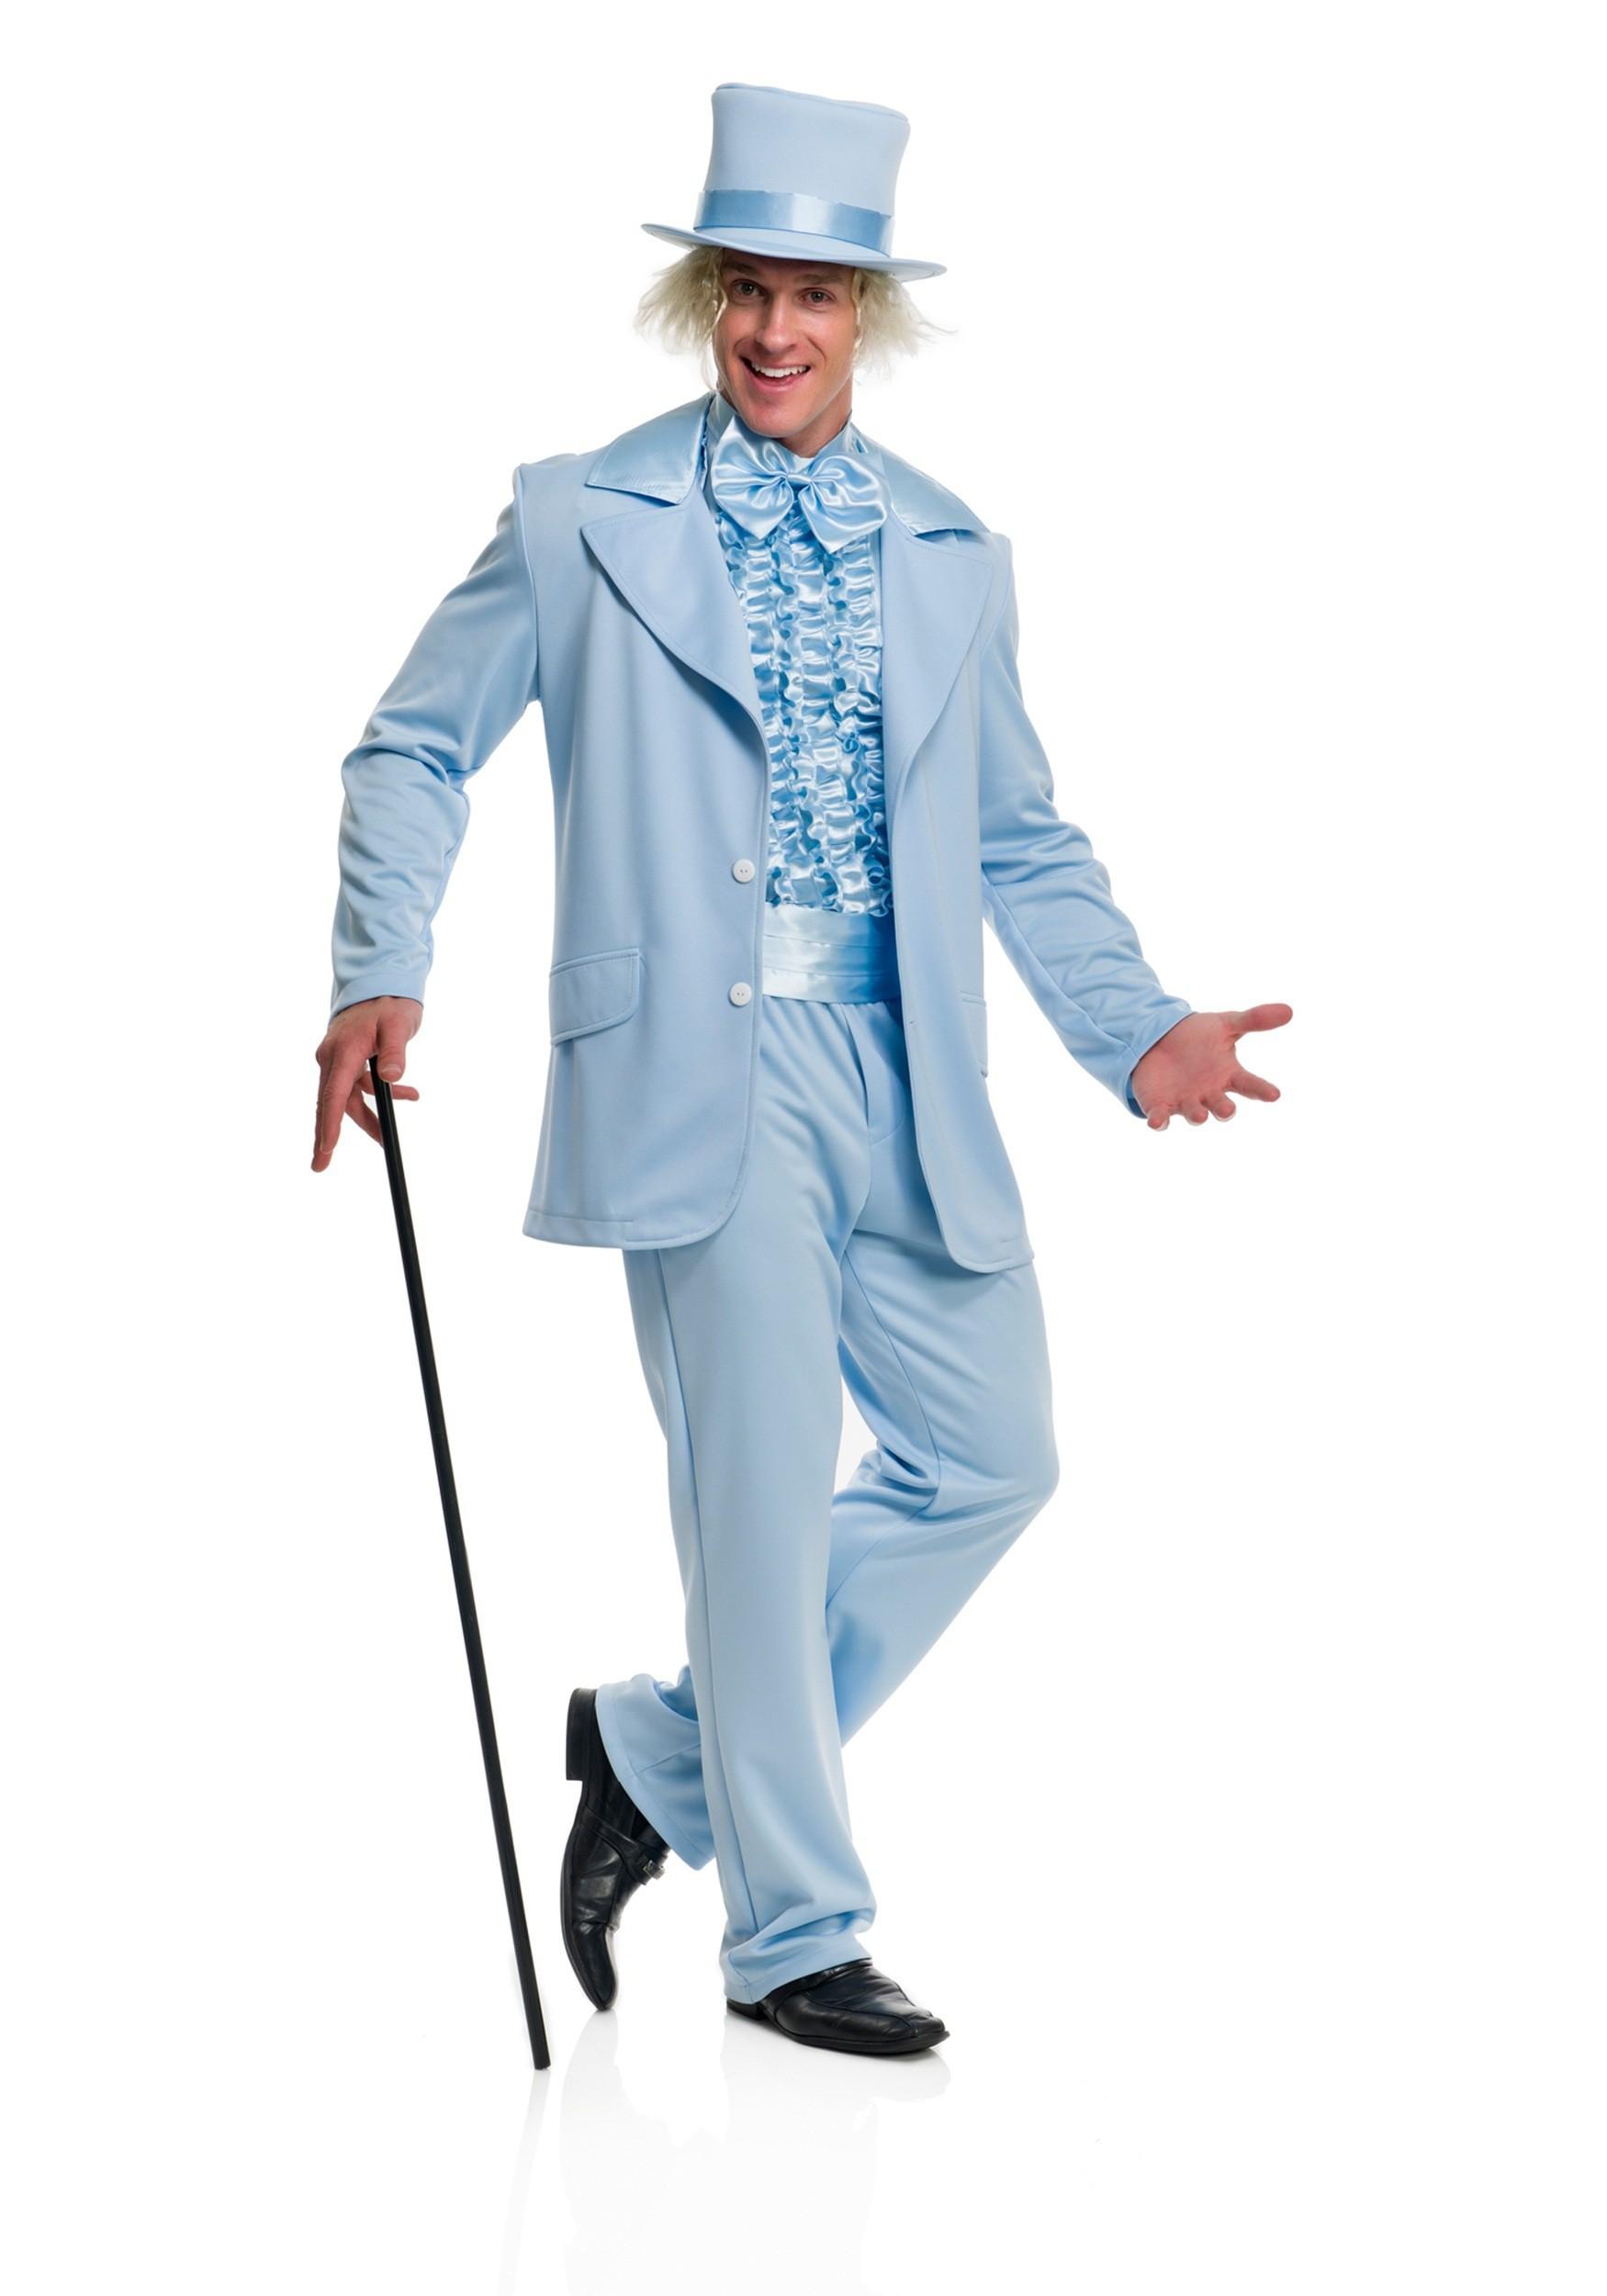 Awesome Cheap Tuxedos For Prom Ideas - Wedding Ideas - memiocall.com